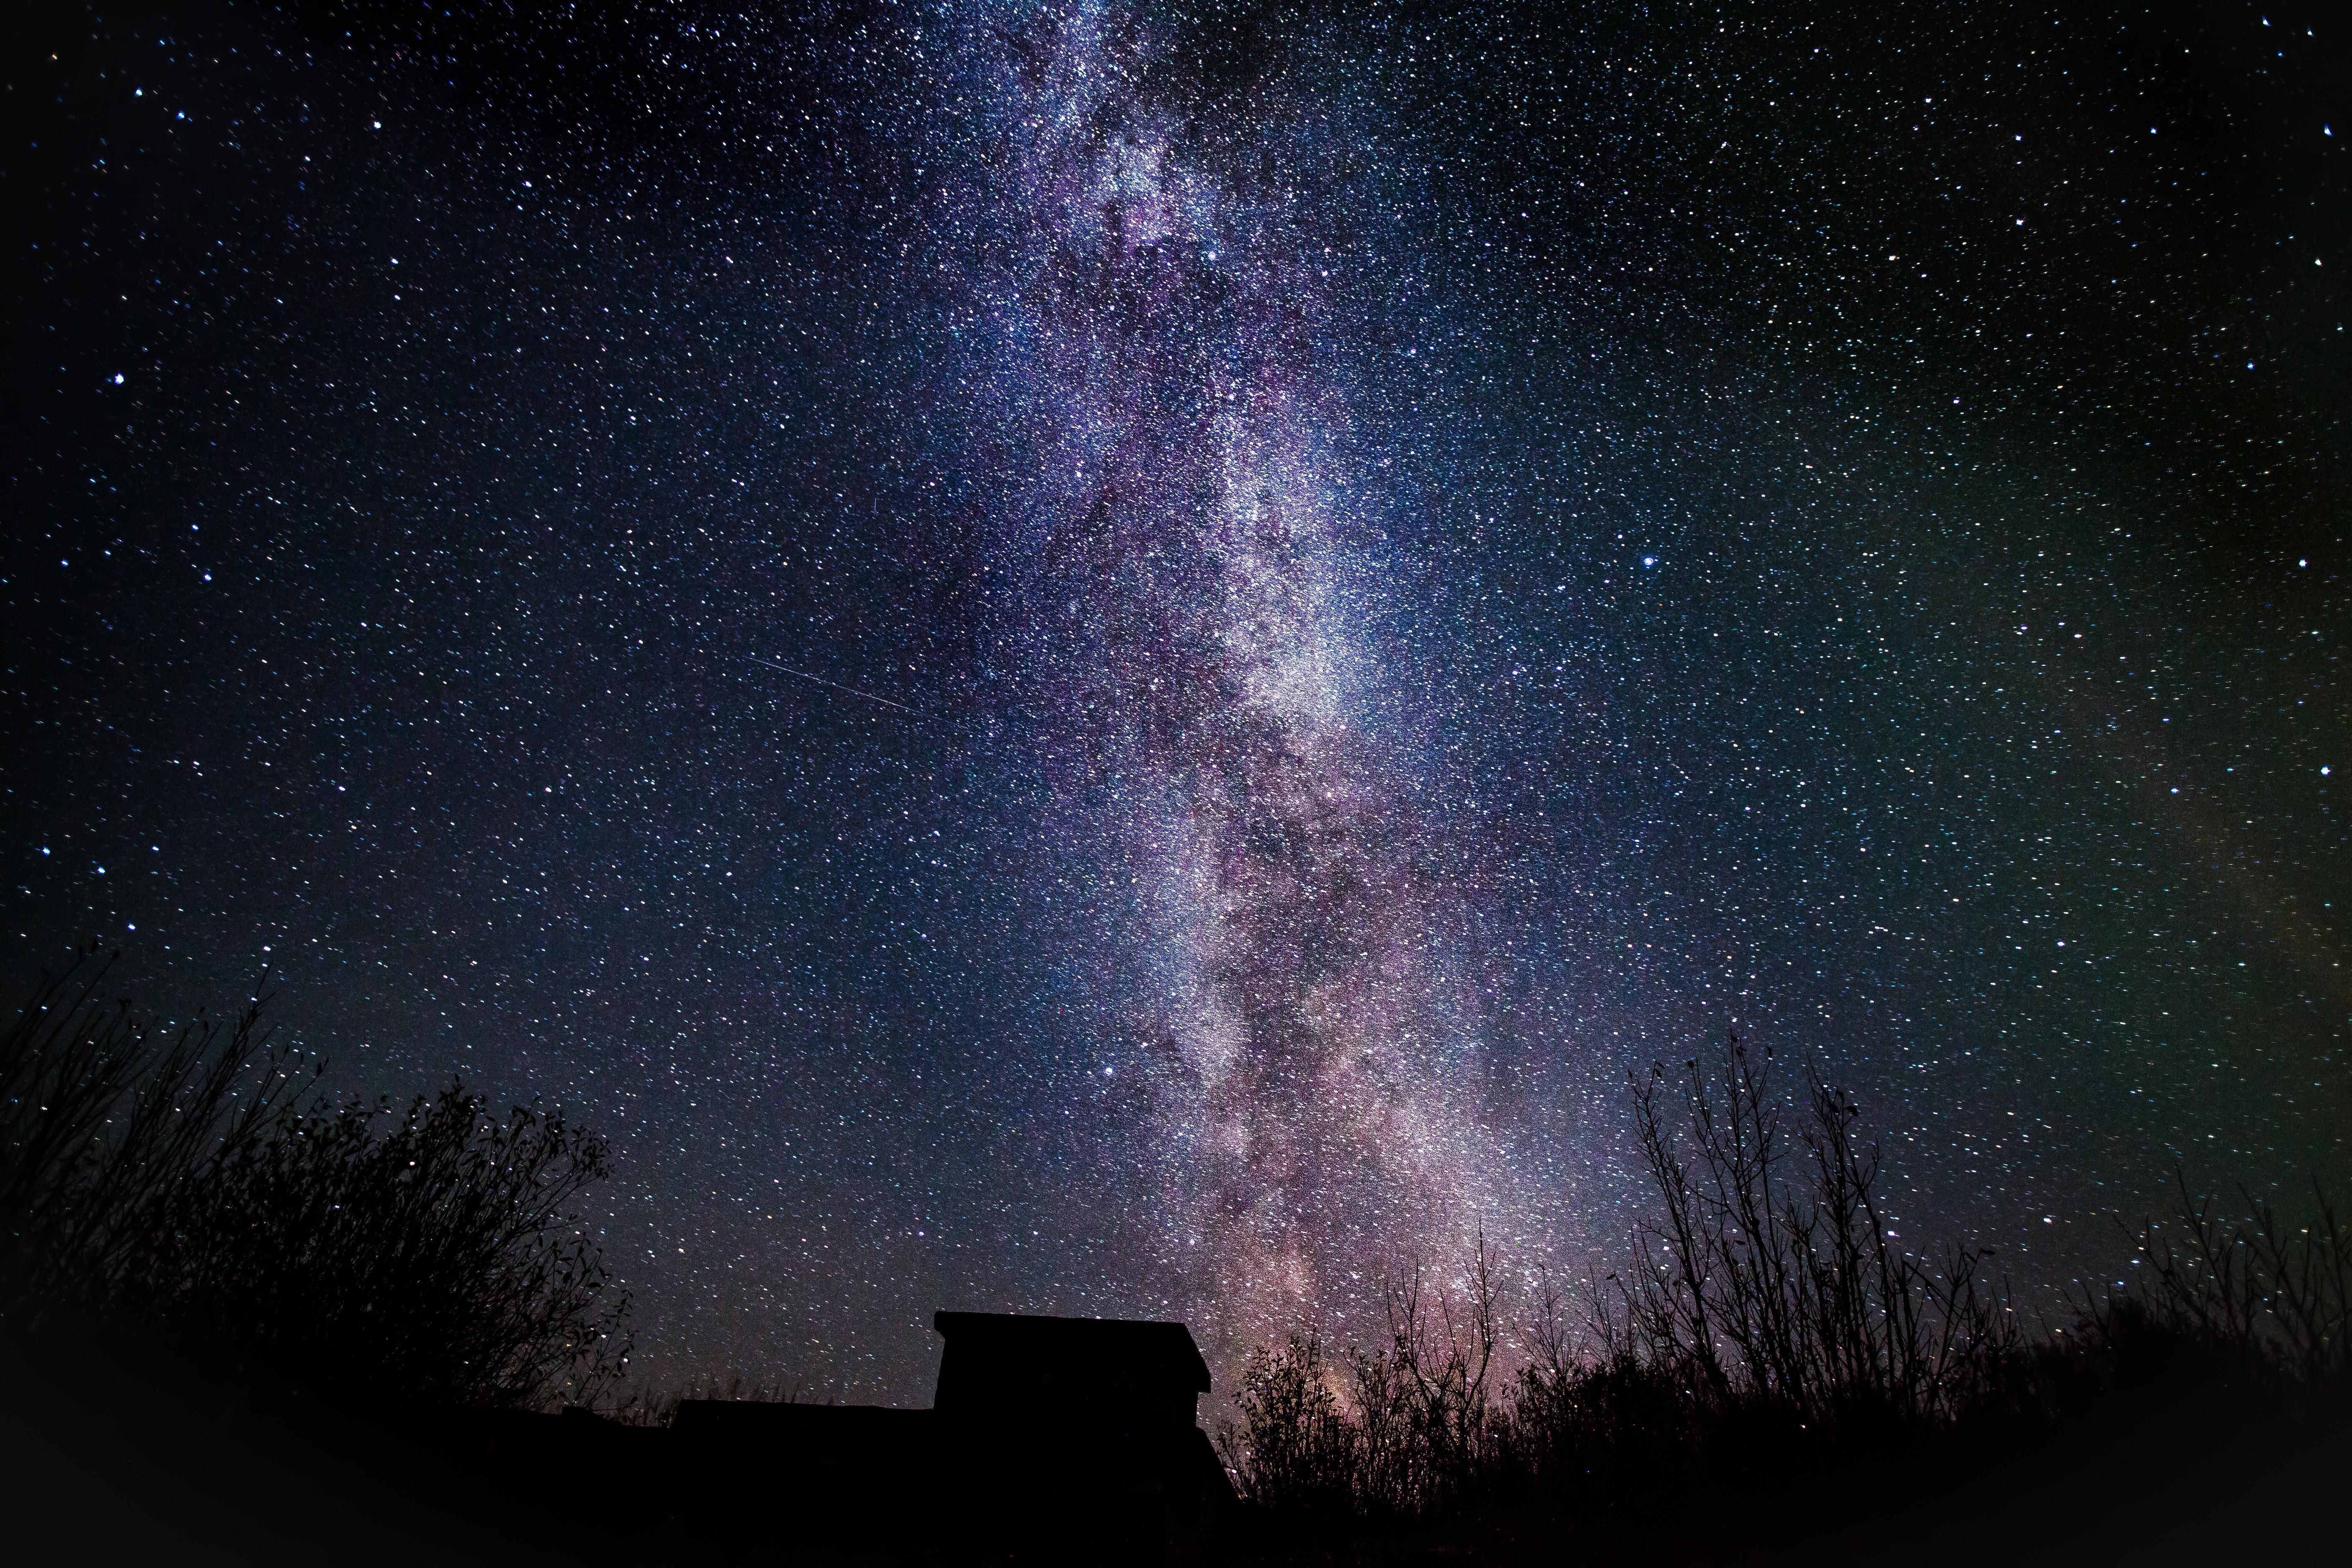 ... đầy sao, bầu trời đêm. Nhiếp ảnh gia